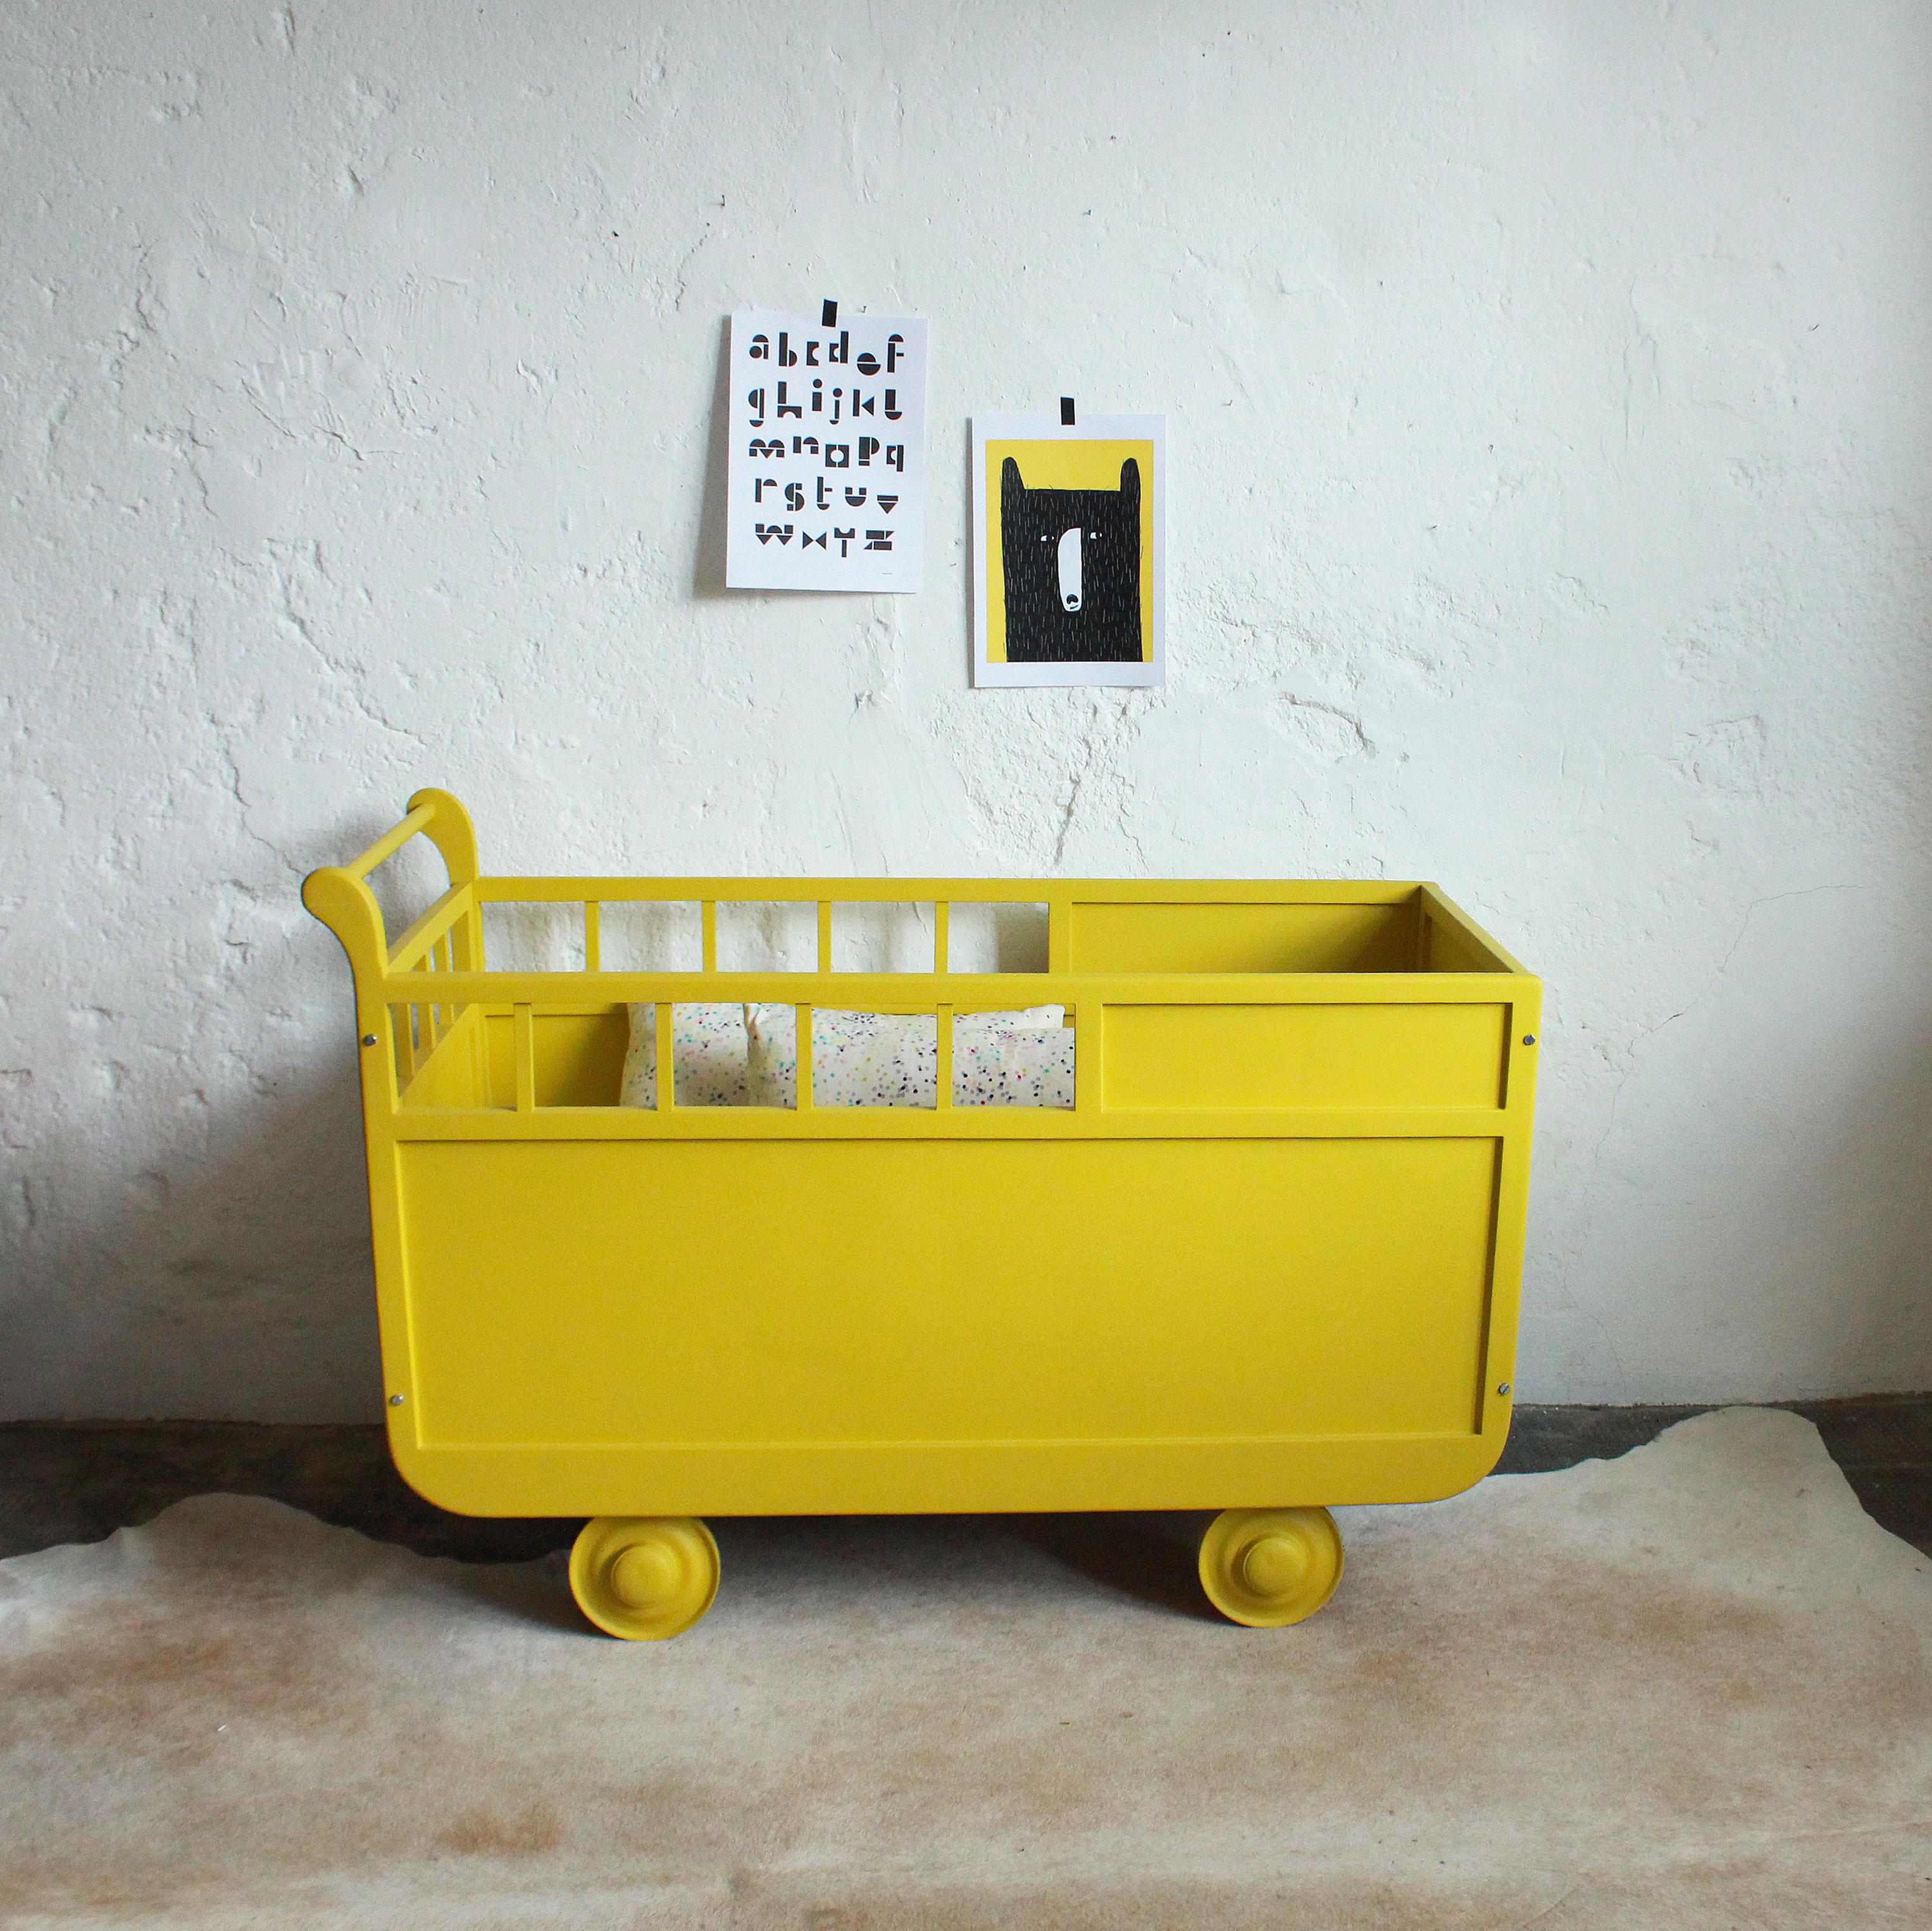 lit roulotte vintage b b atelier du petit parc. Black Bedroom Furniture Sets. Home Design Ideas